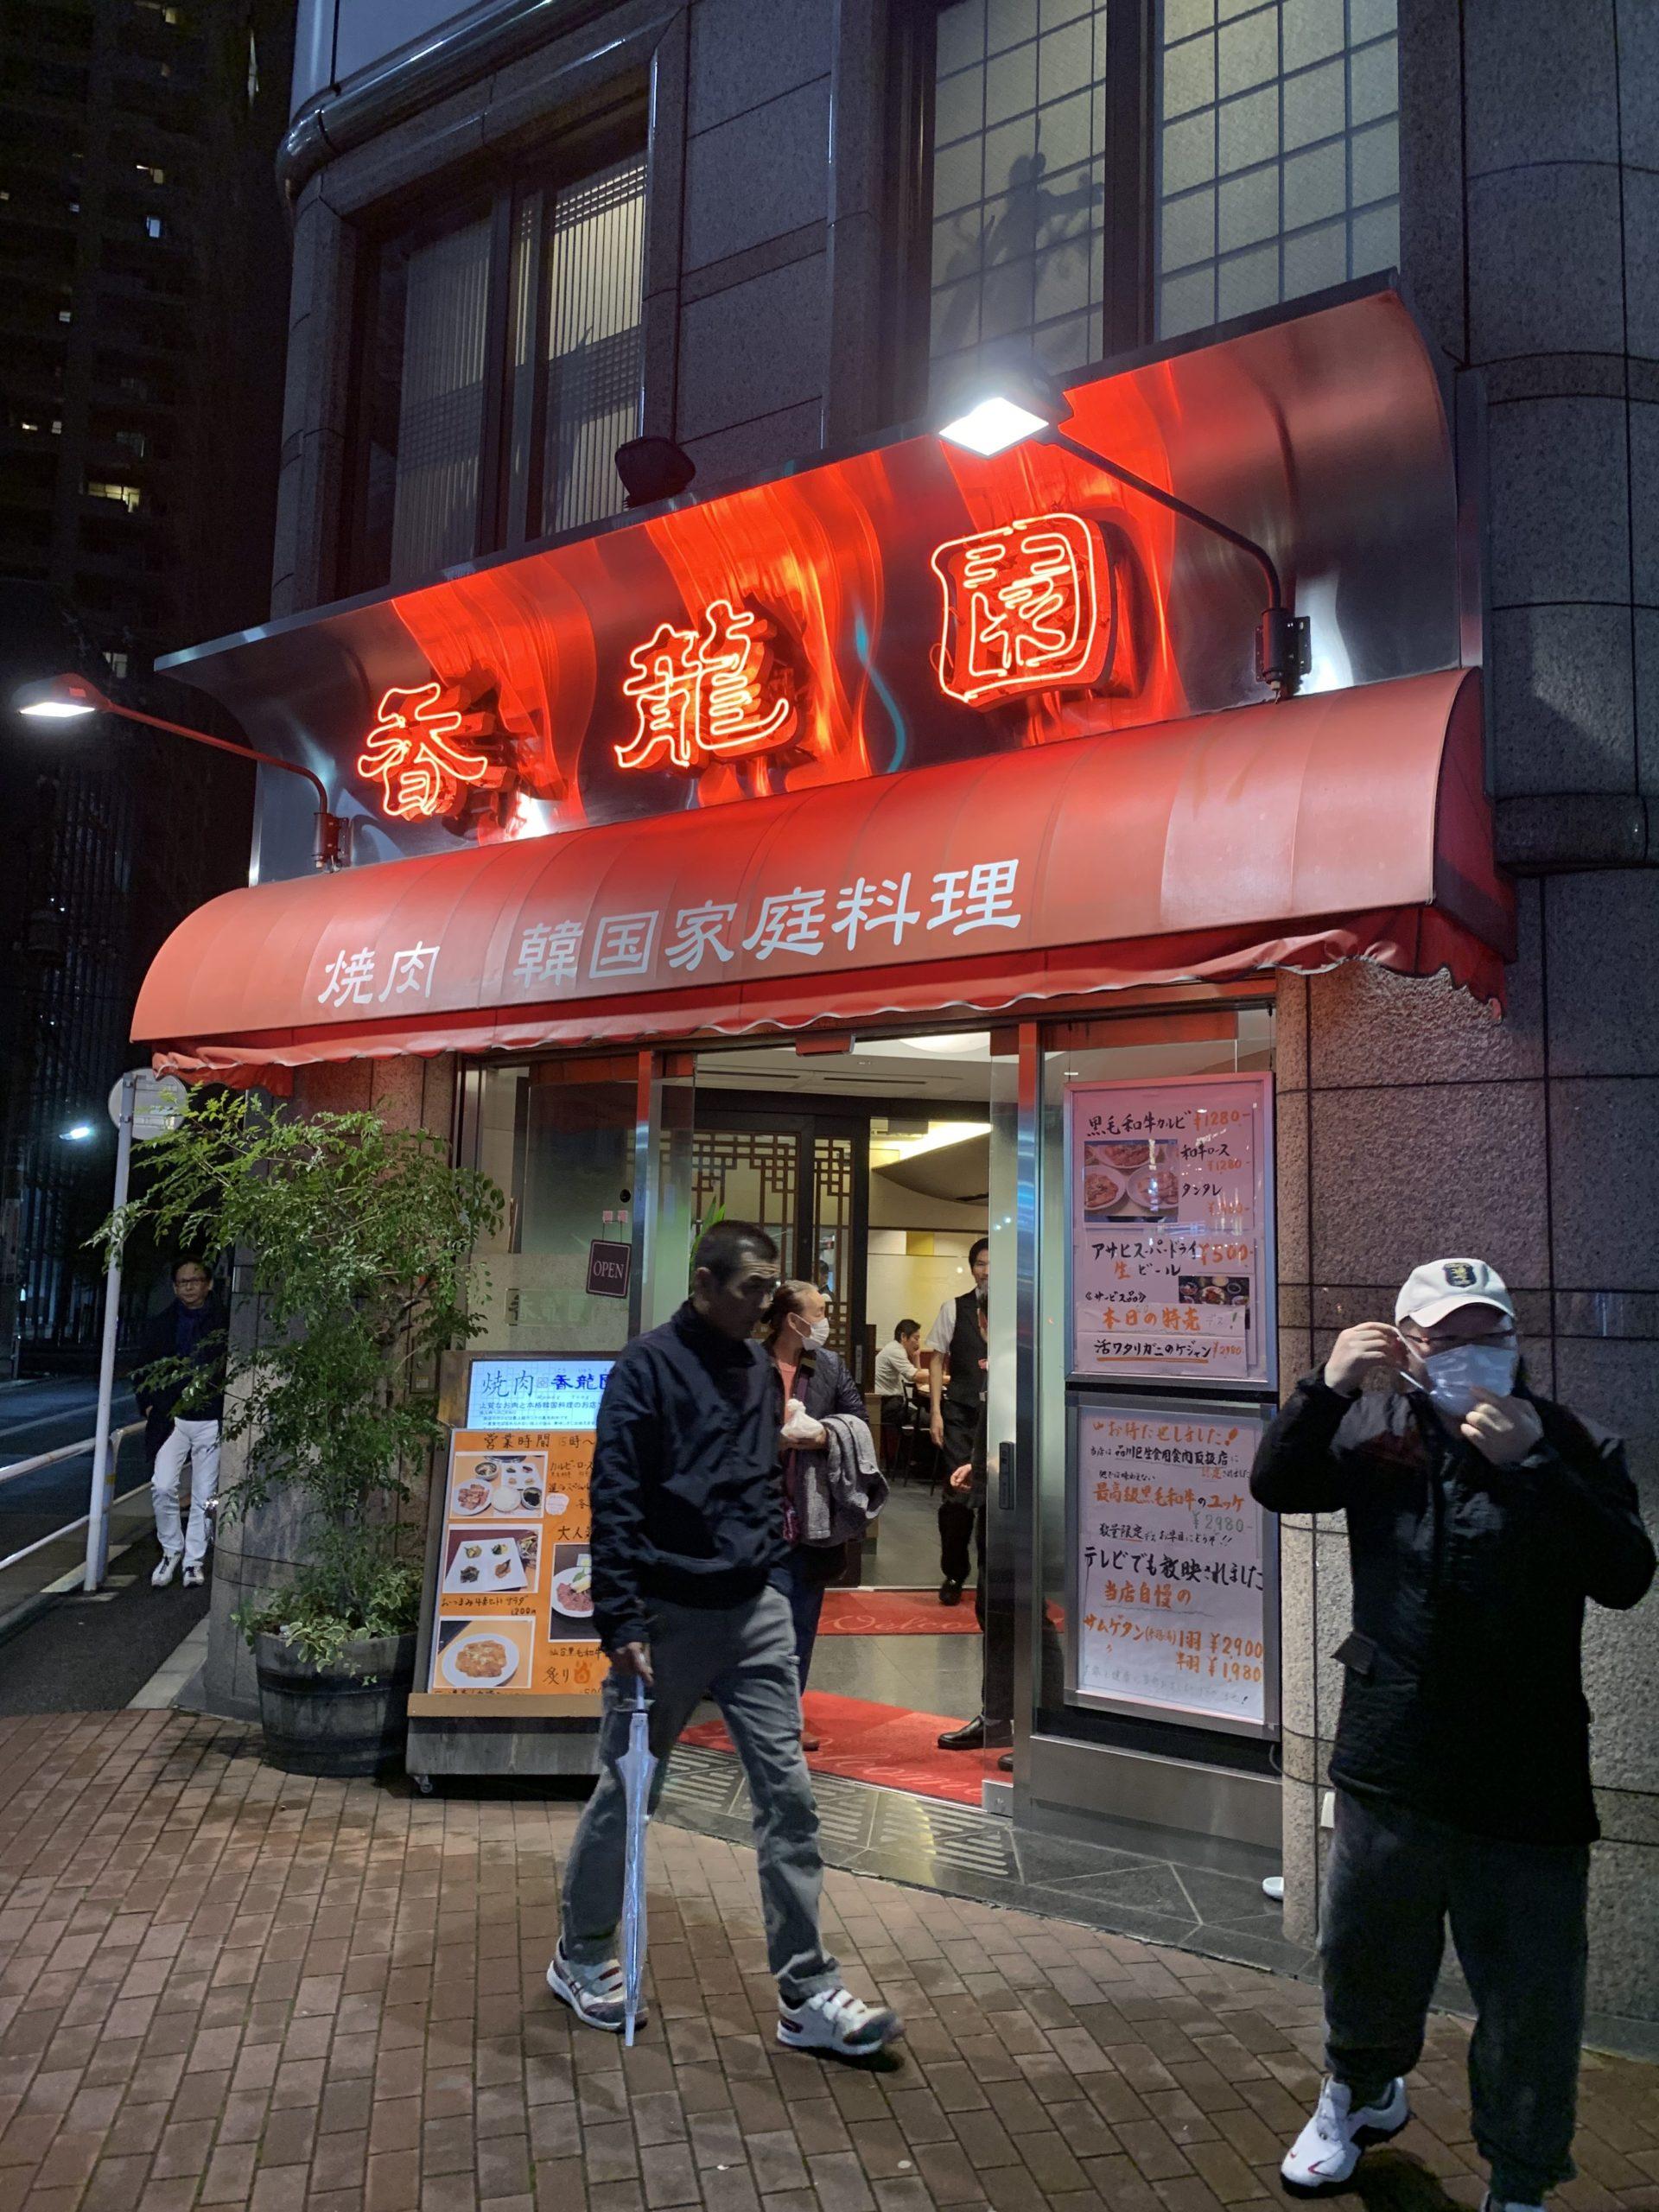 【五反田】香龍園/ソニー通りで知らぬ者なき、もはやランドマーク的な存在。韓国焼肉の雰囲気を味わいたいなら。